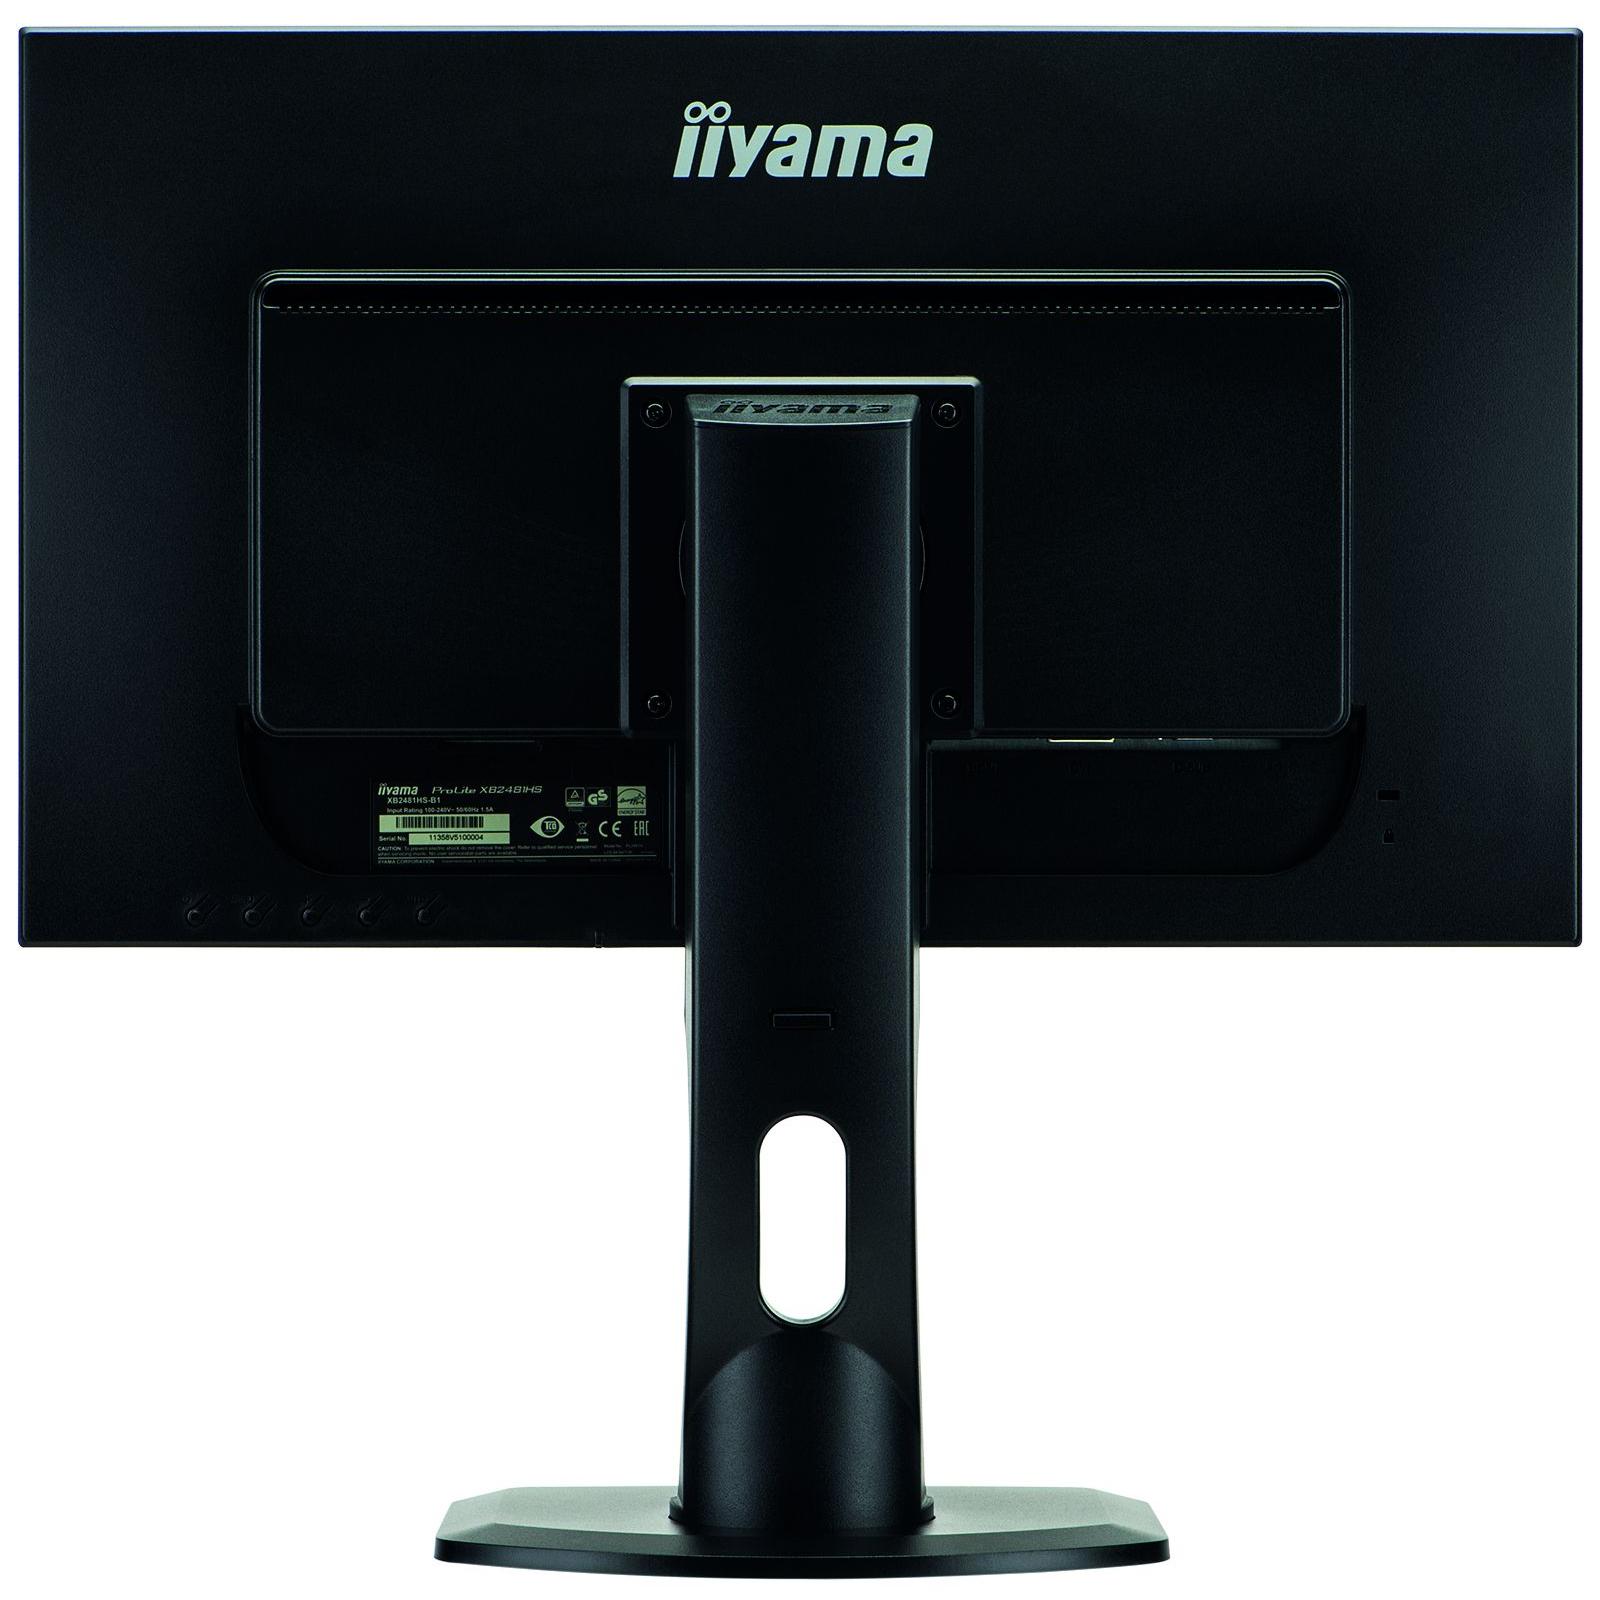 Монитор iiyama XB2481HS-B1 изображение 6